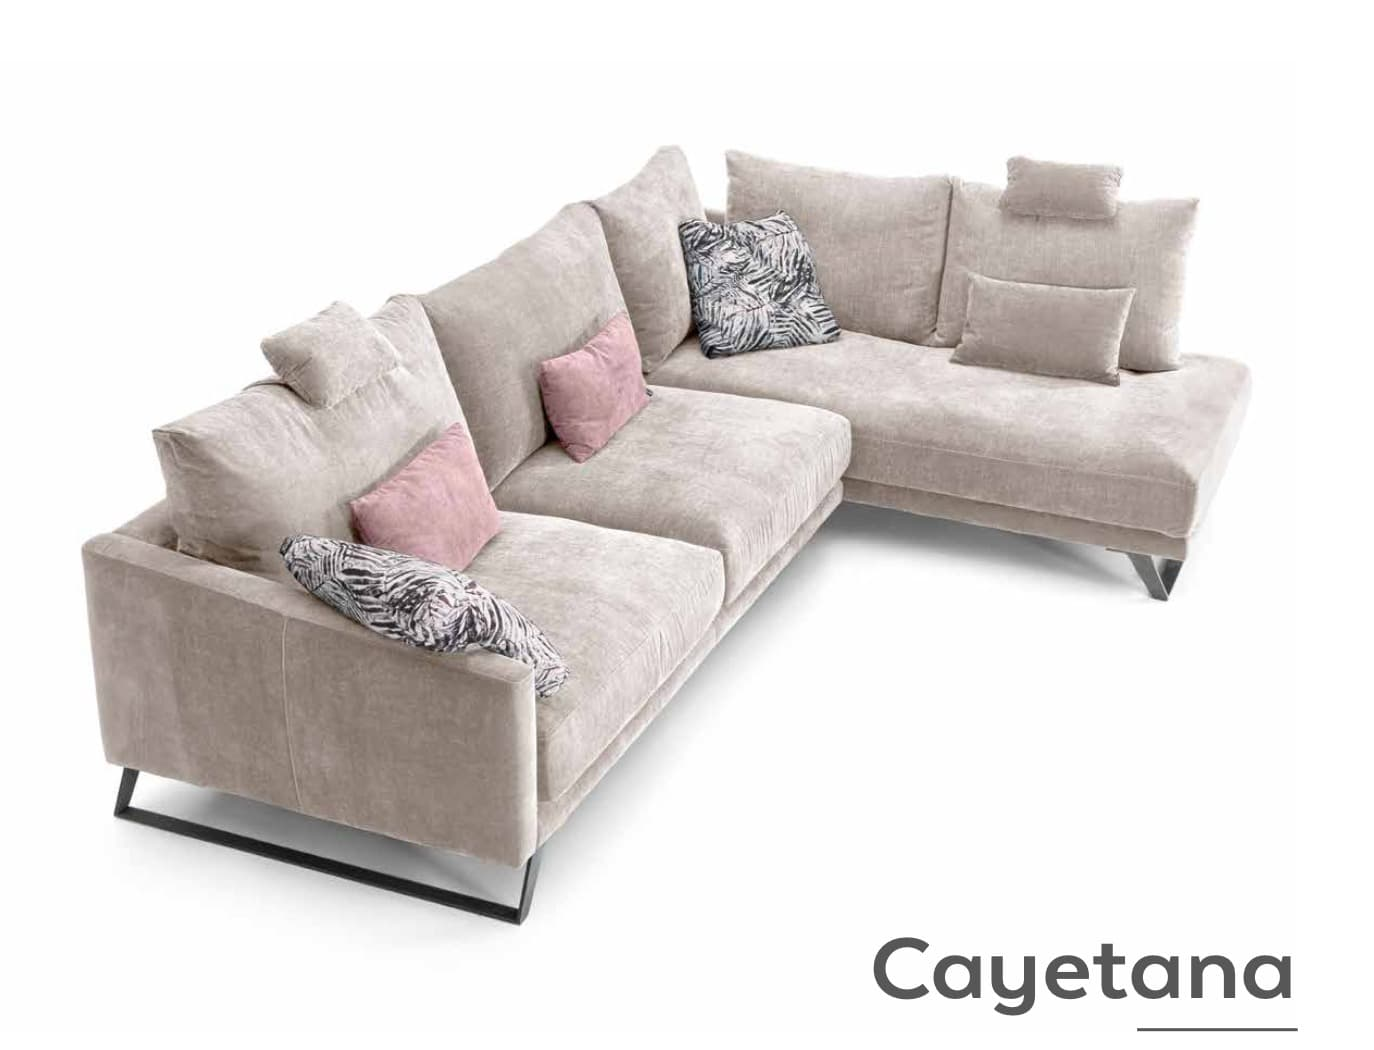 DVN-Cayetana